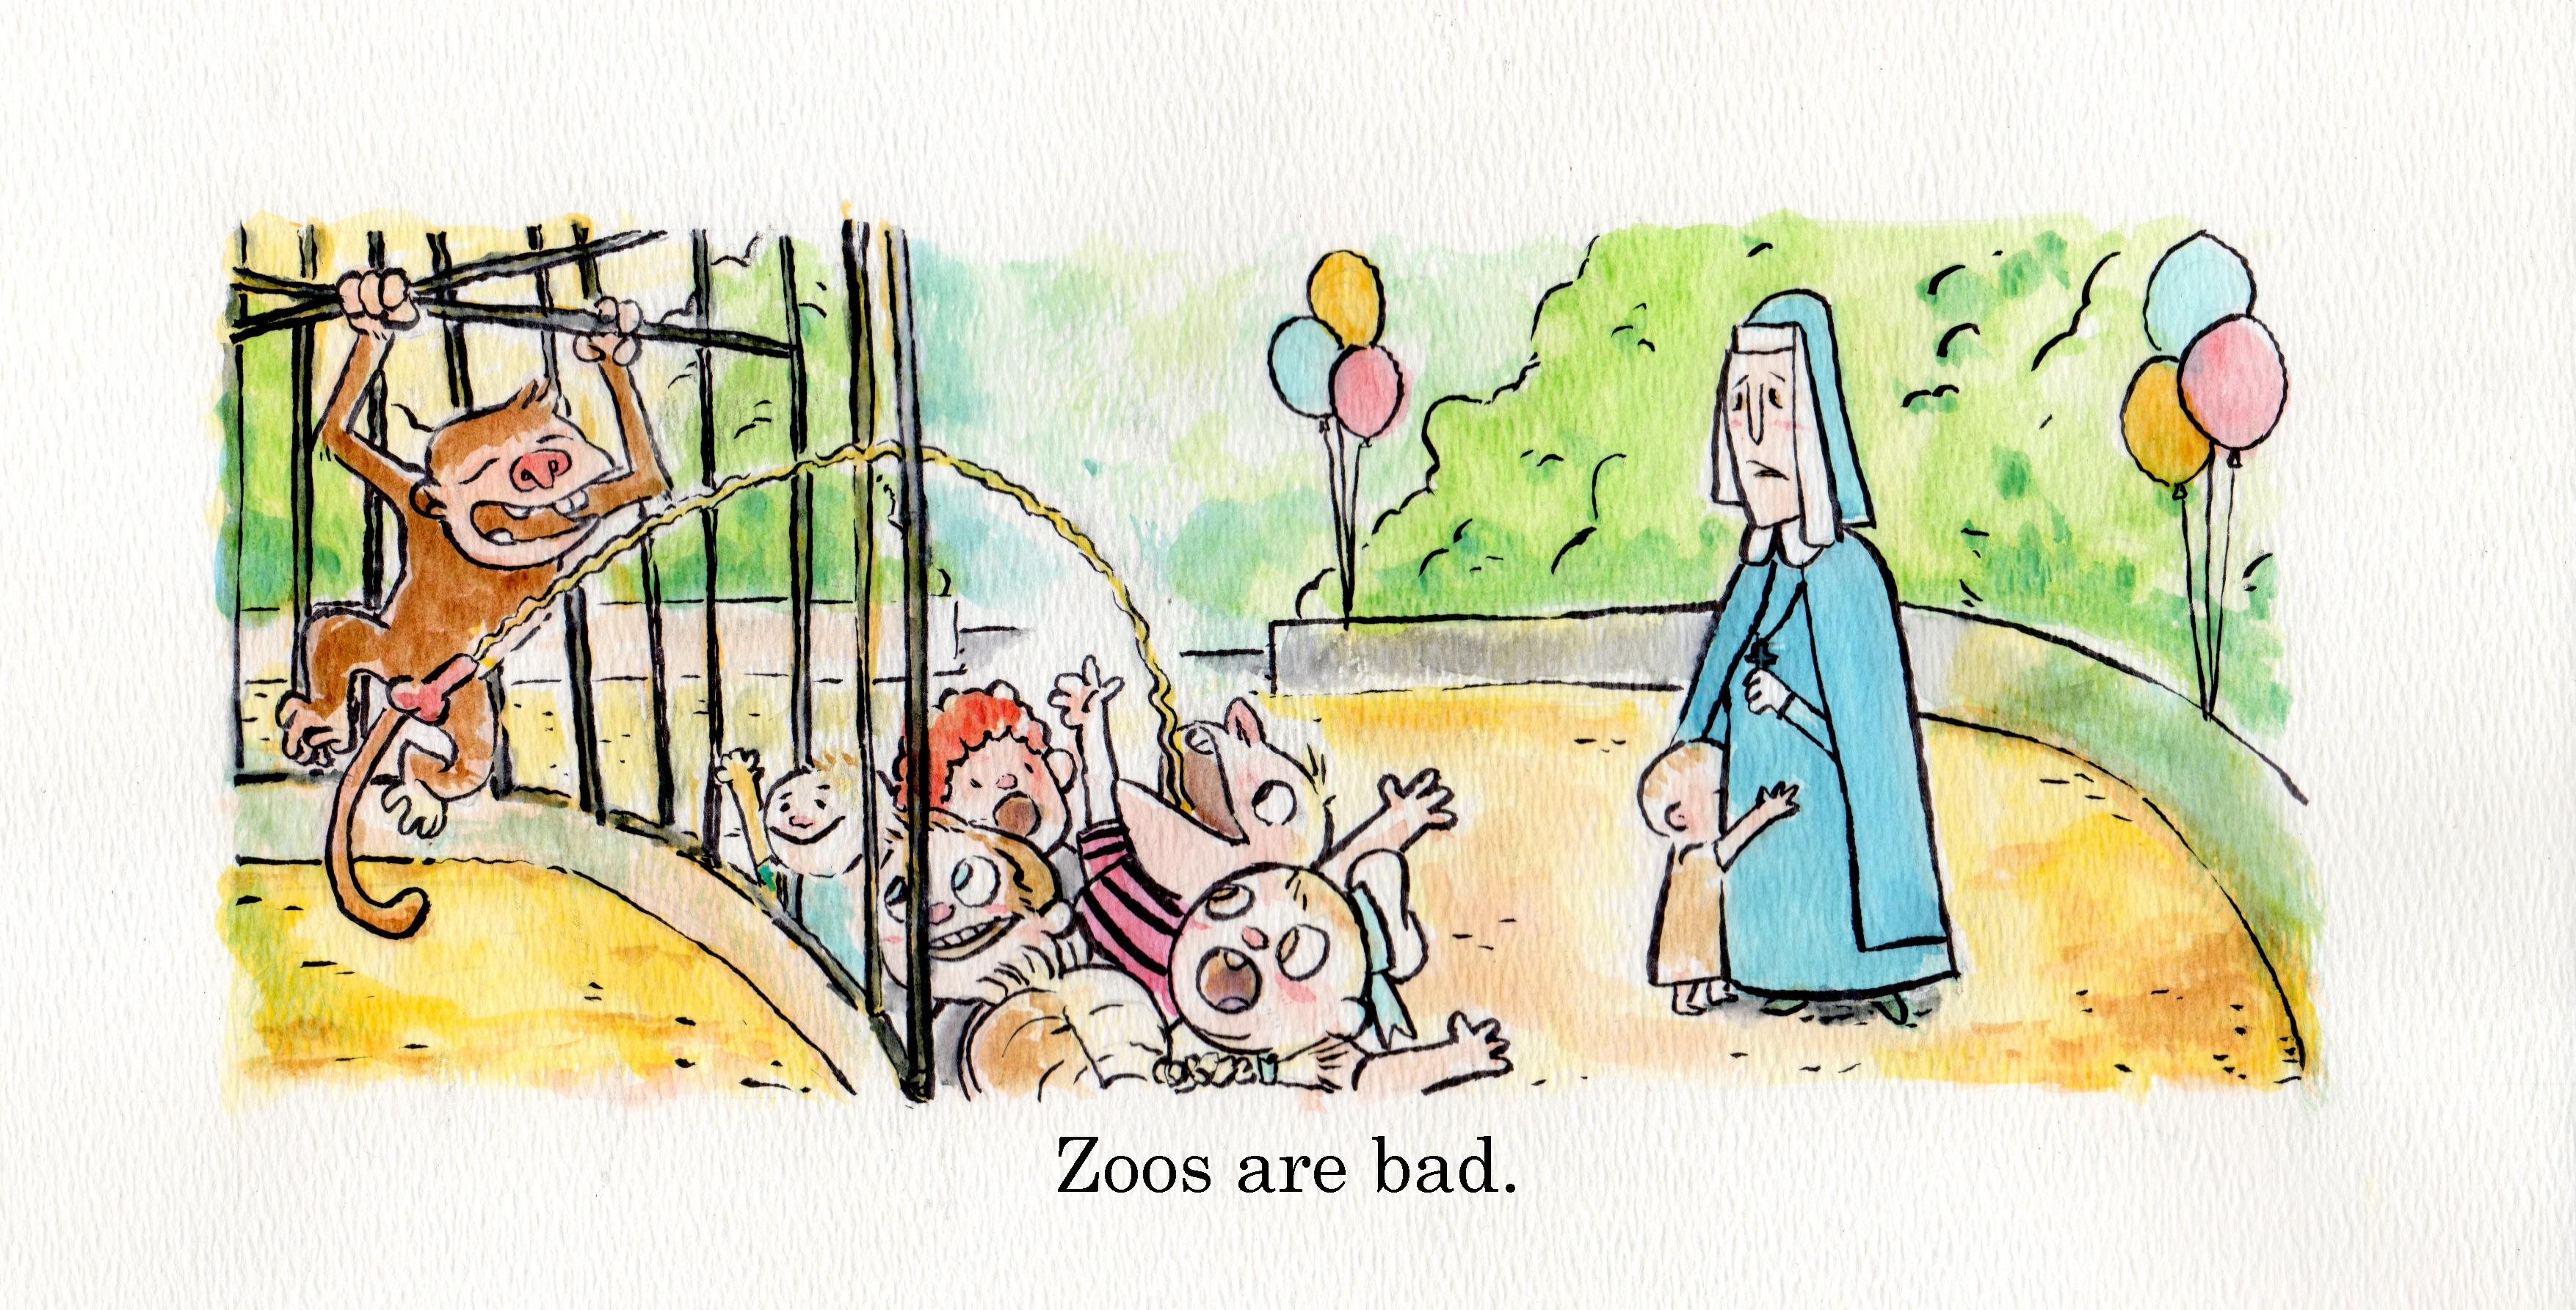 ZoosAreBad_harleymunsie